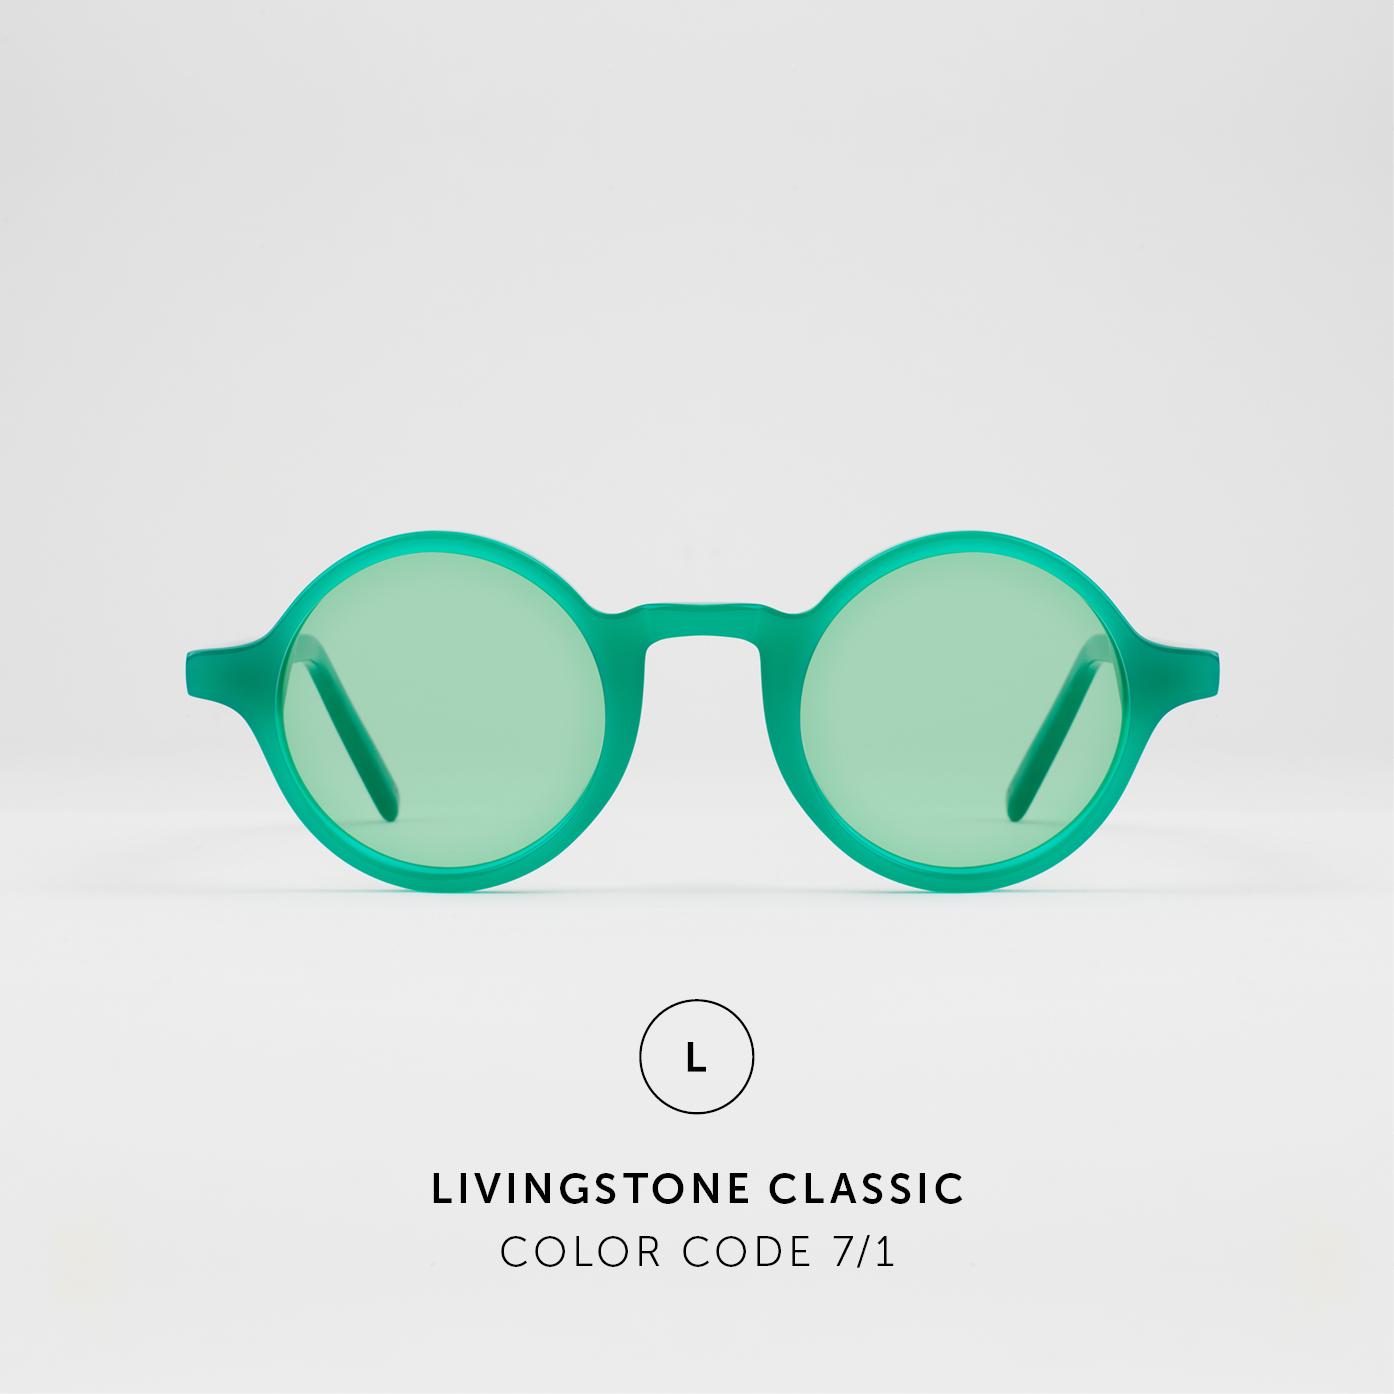 LivingstoneClassic36.jpg